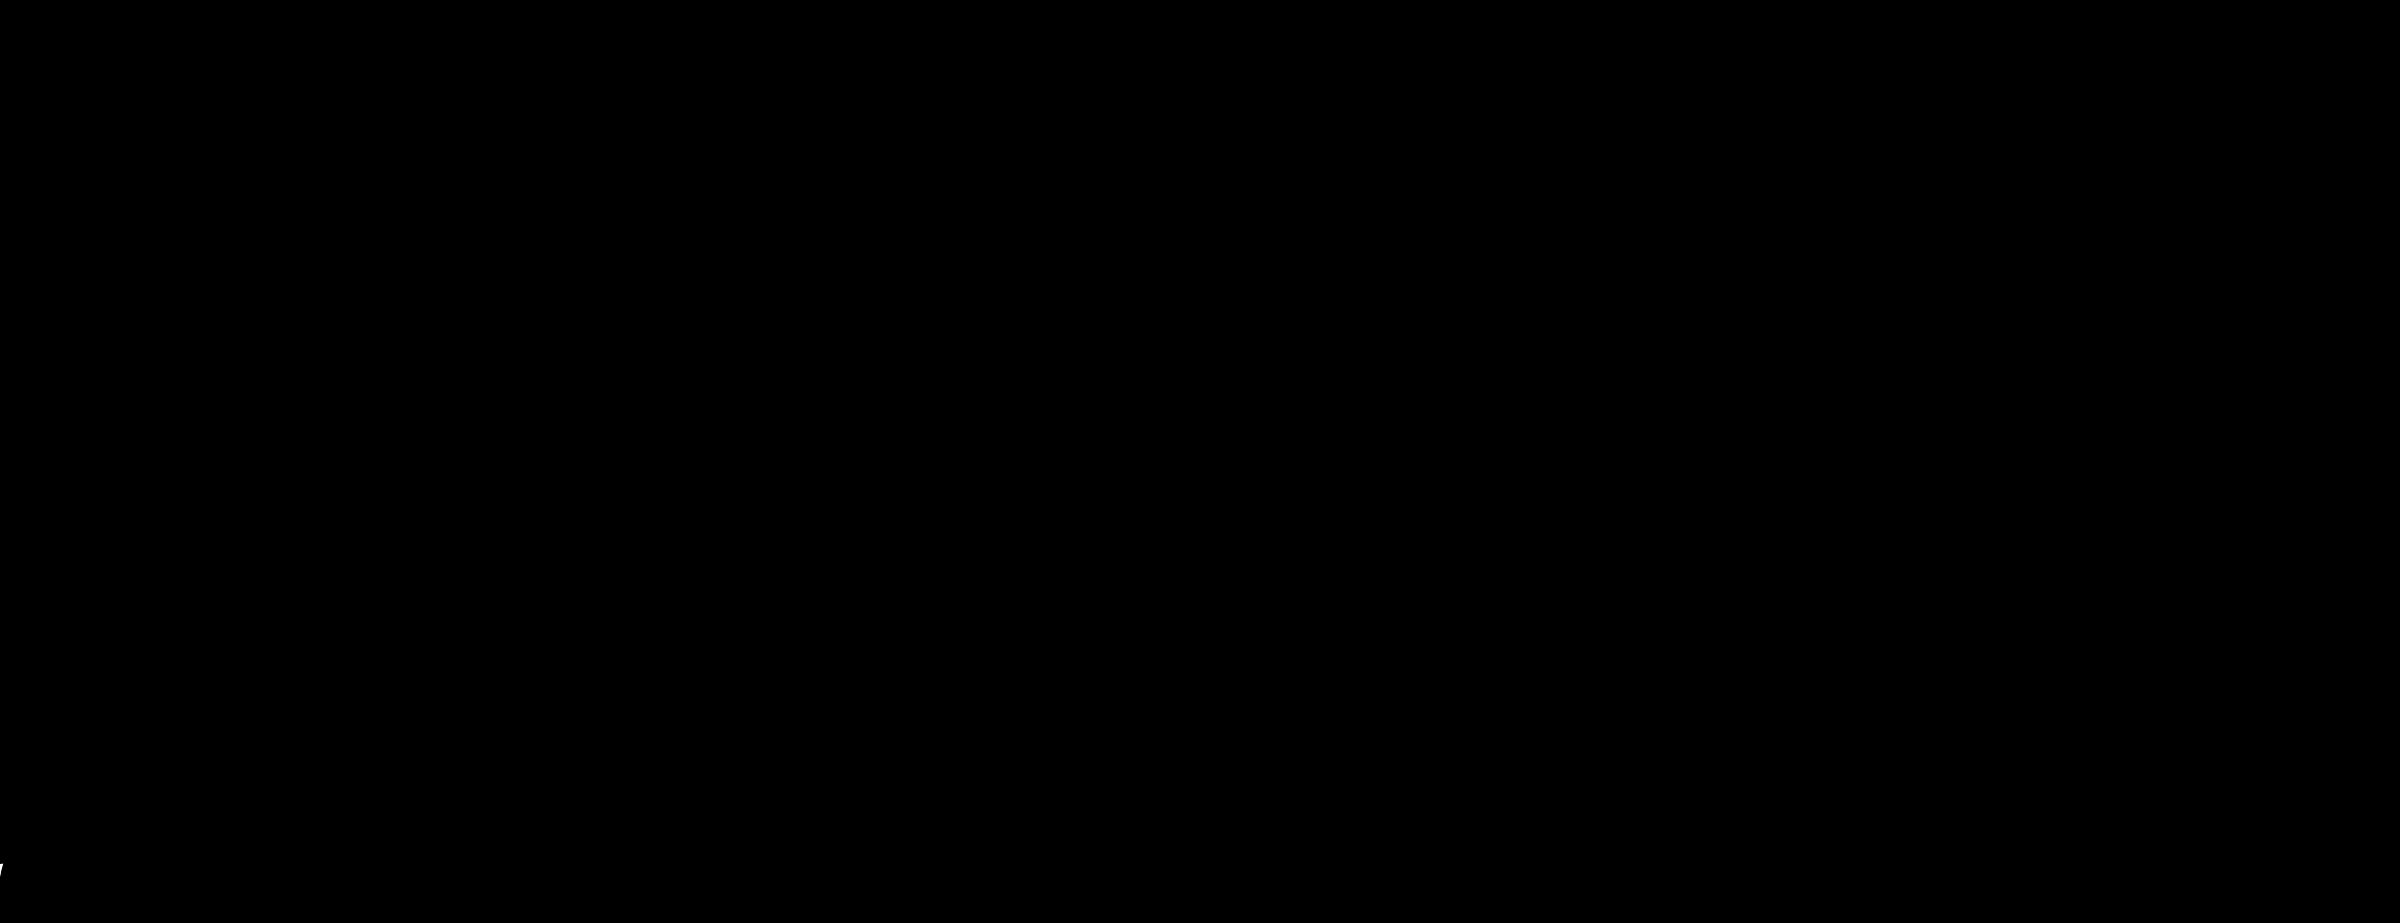 PNG Kneeling - 43389